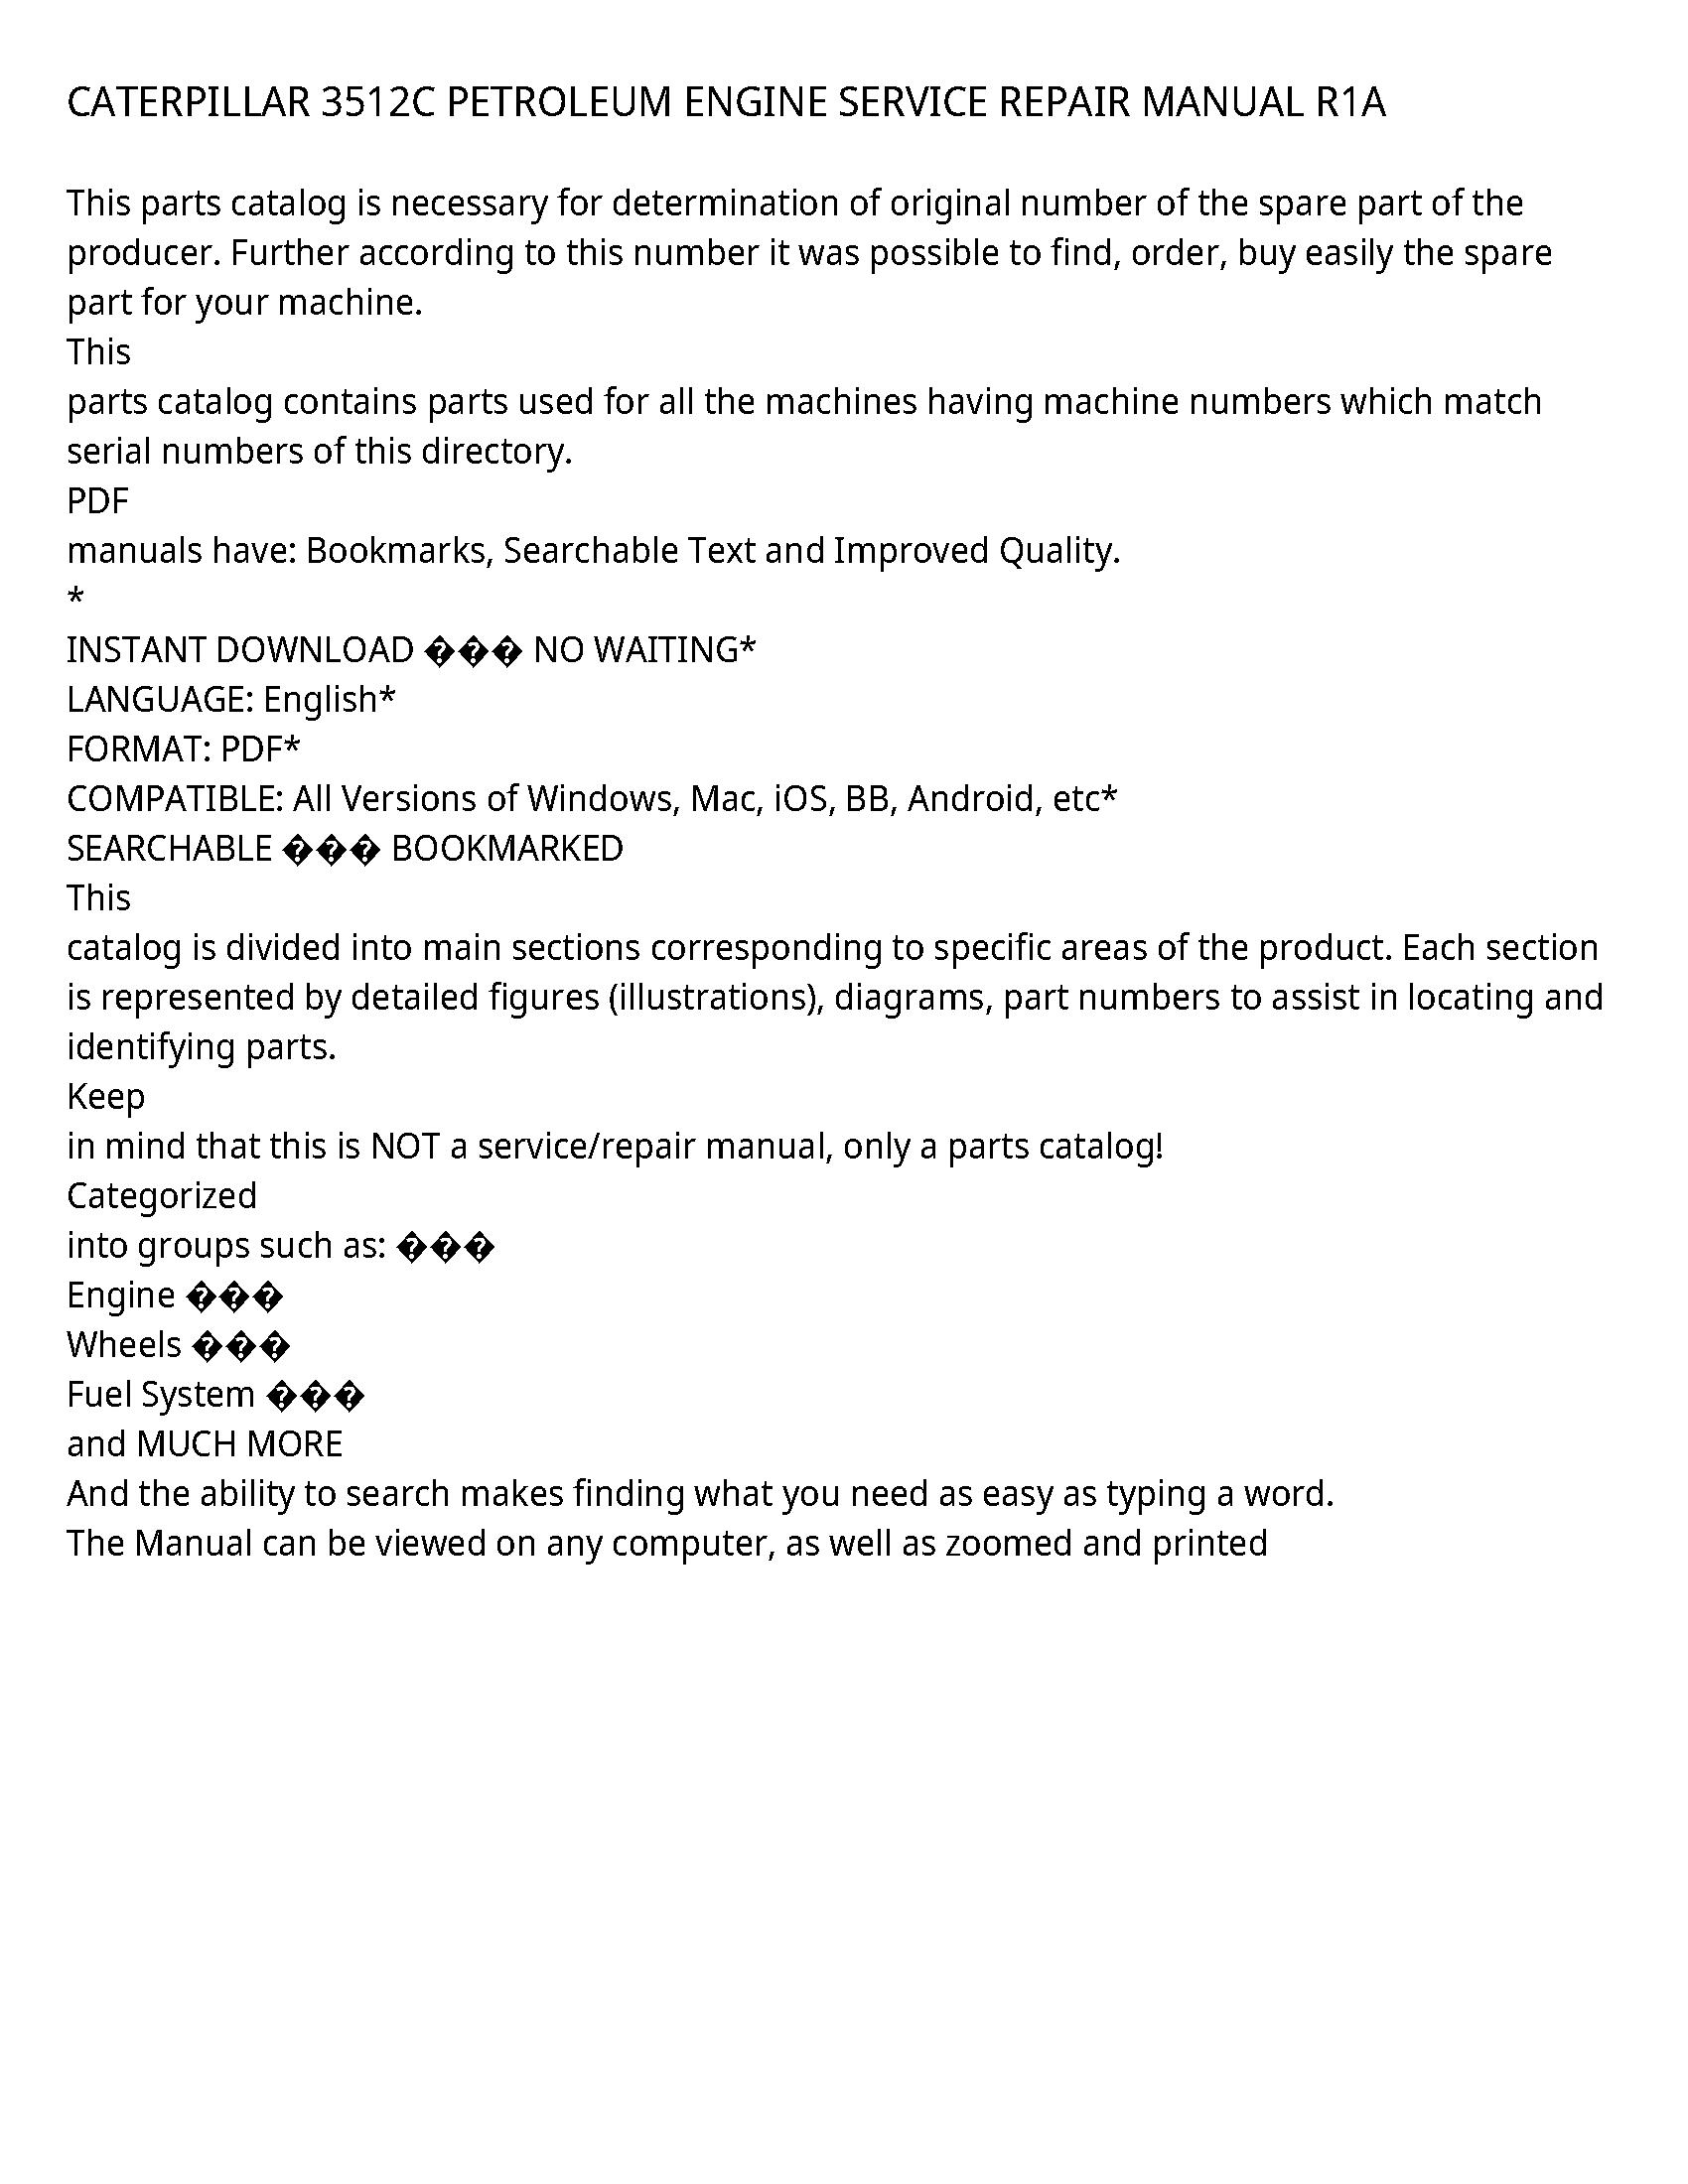 Caterpillar 3512C service manual